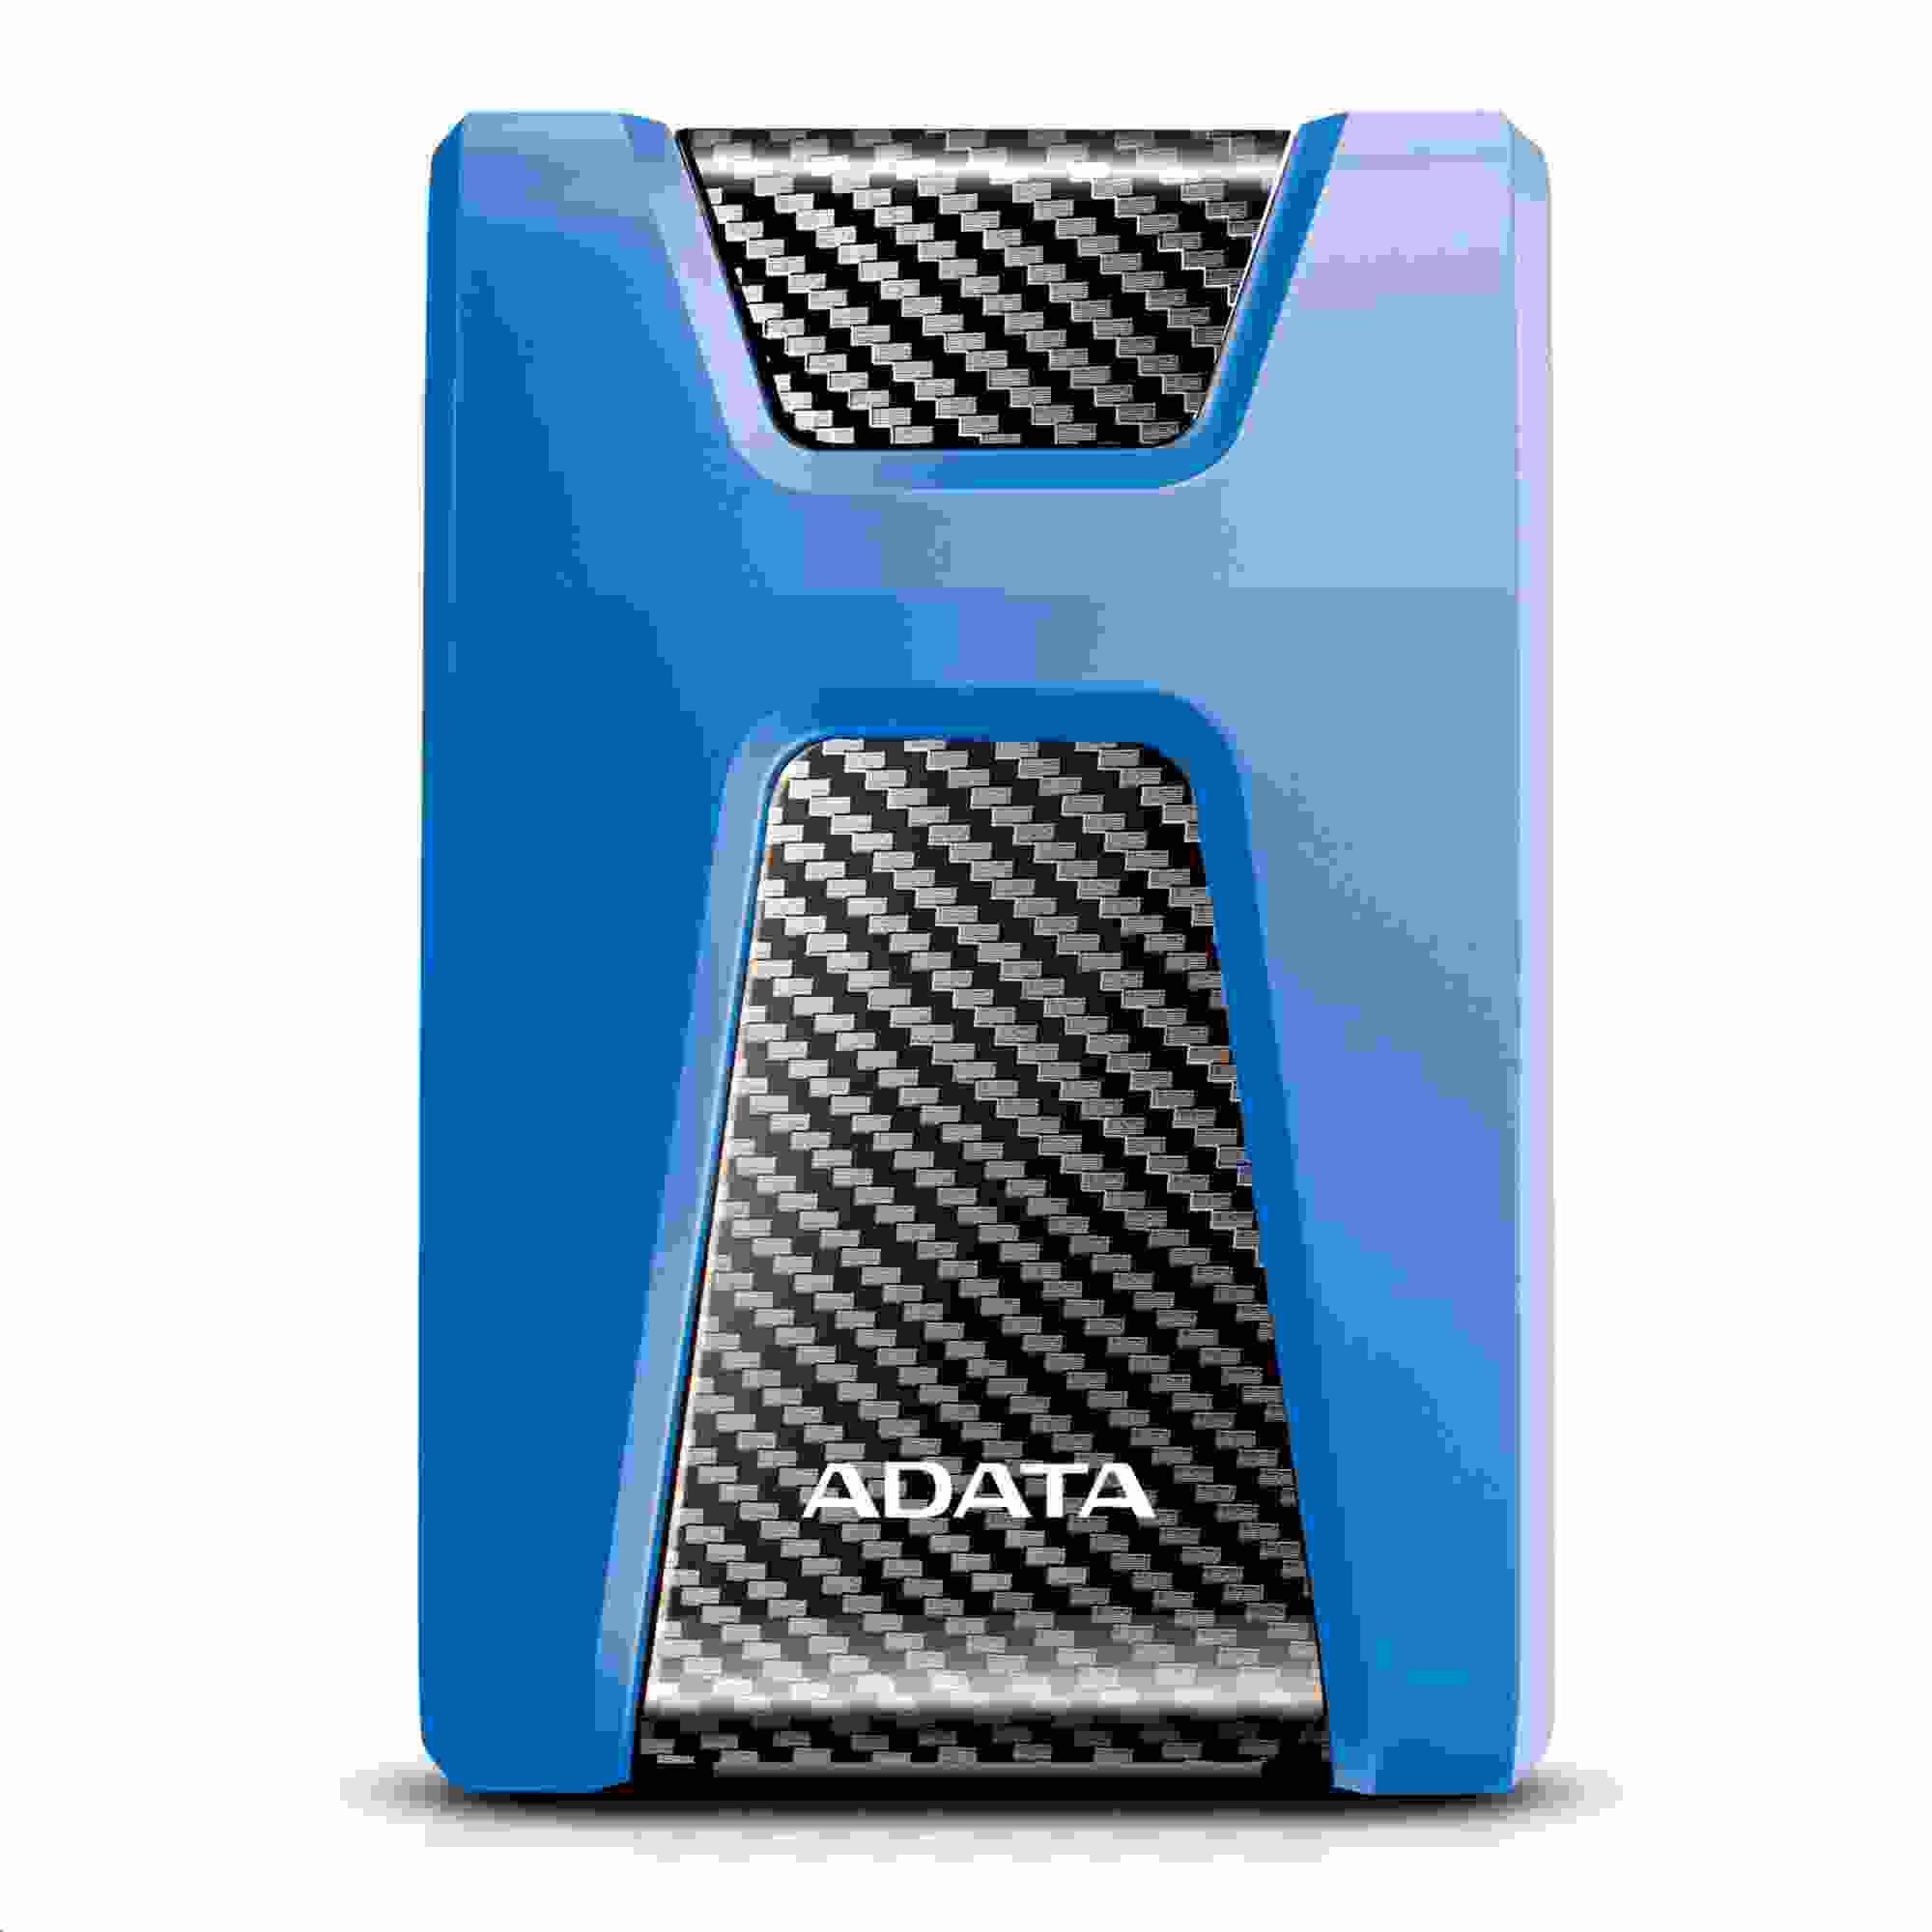 """ADATA Externí HDD 1TB 2,5"""" USB 3.1 DashDrive Durable HD650, modrý (gumový, nárazu odolný) (AHD650-1TU31-CBL)"""